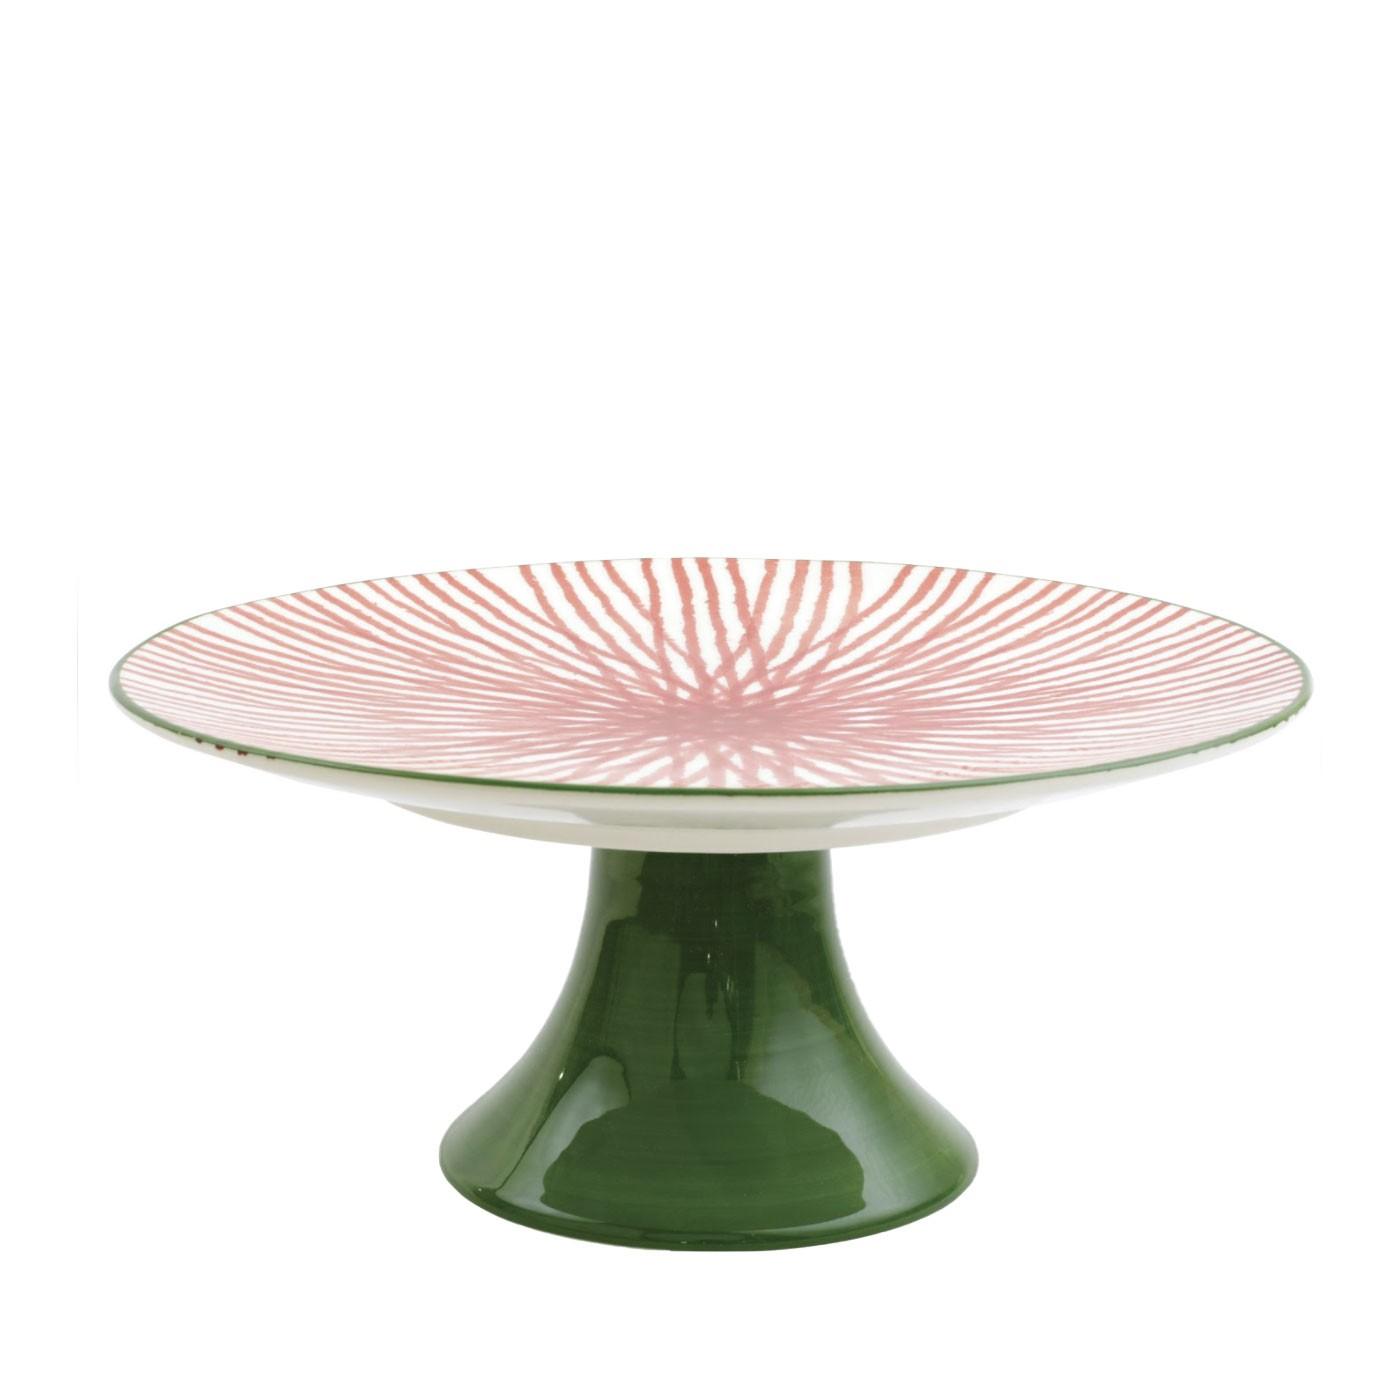 Mistletoe Cake Stand